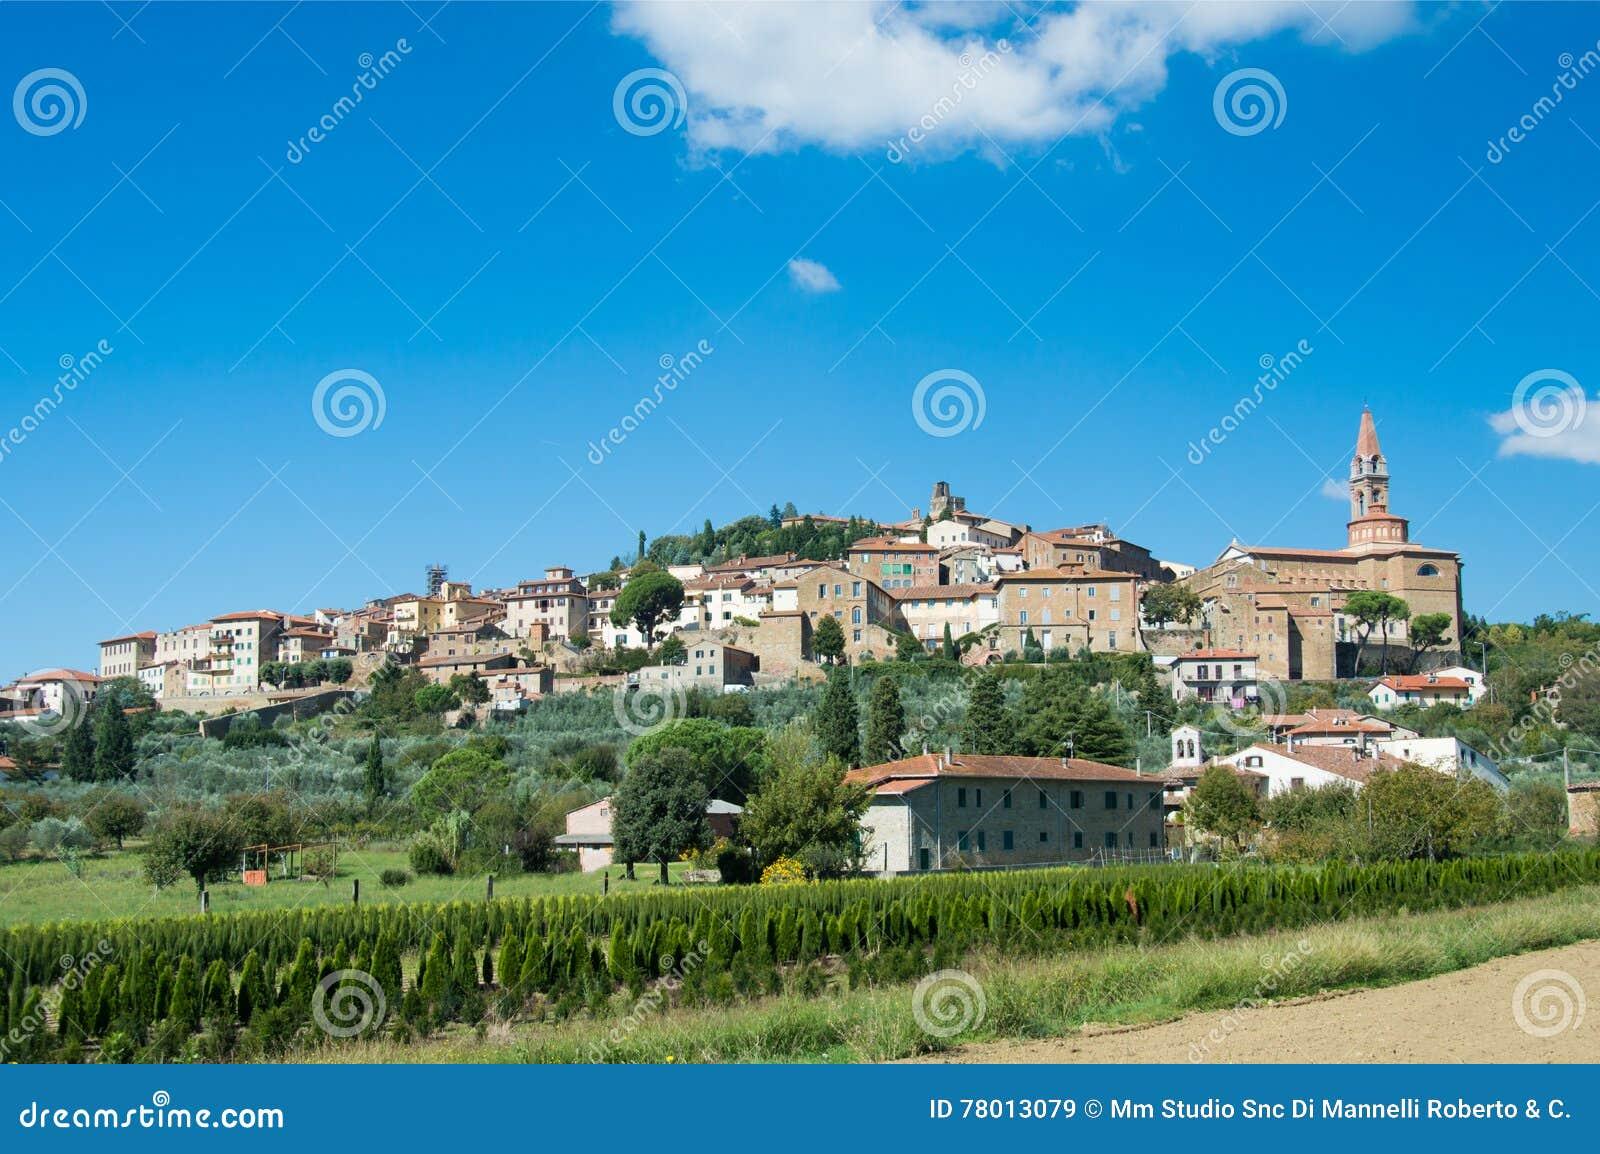 Die Stadtmauern von Castiglion Fiorentino in Toskana